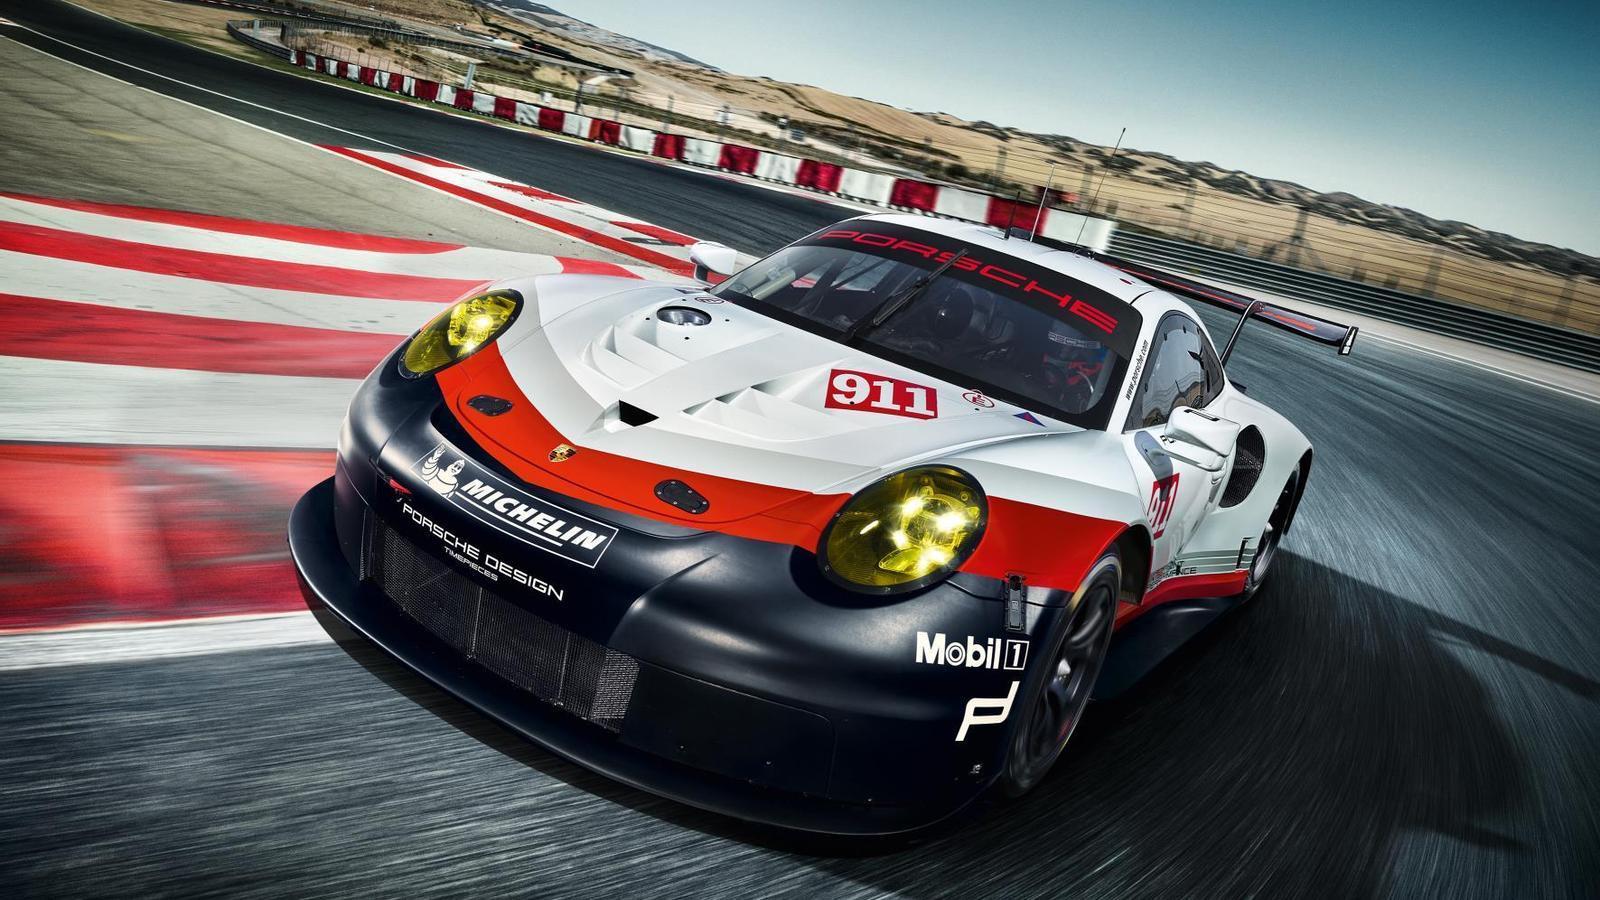 Porsche 911 RSR: evolució o traïció? / PORSCHE